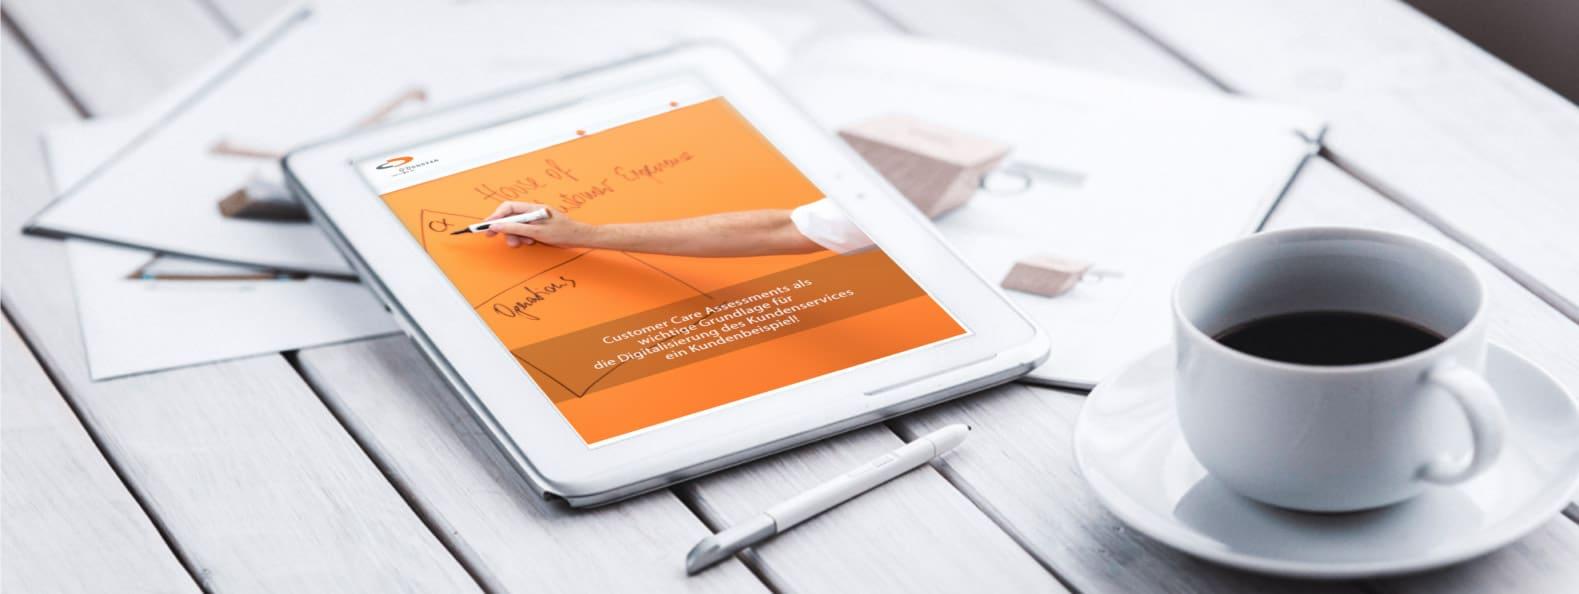 Customer Care Assessments als wichtige Grundlage für die Digitalisierung des Kundenservices! – Download